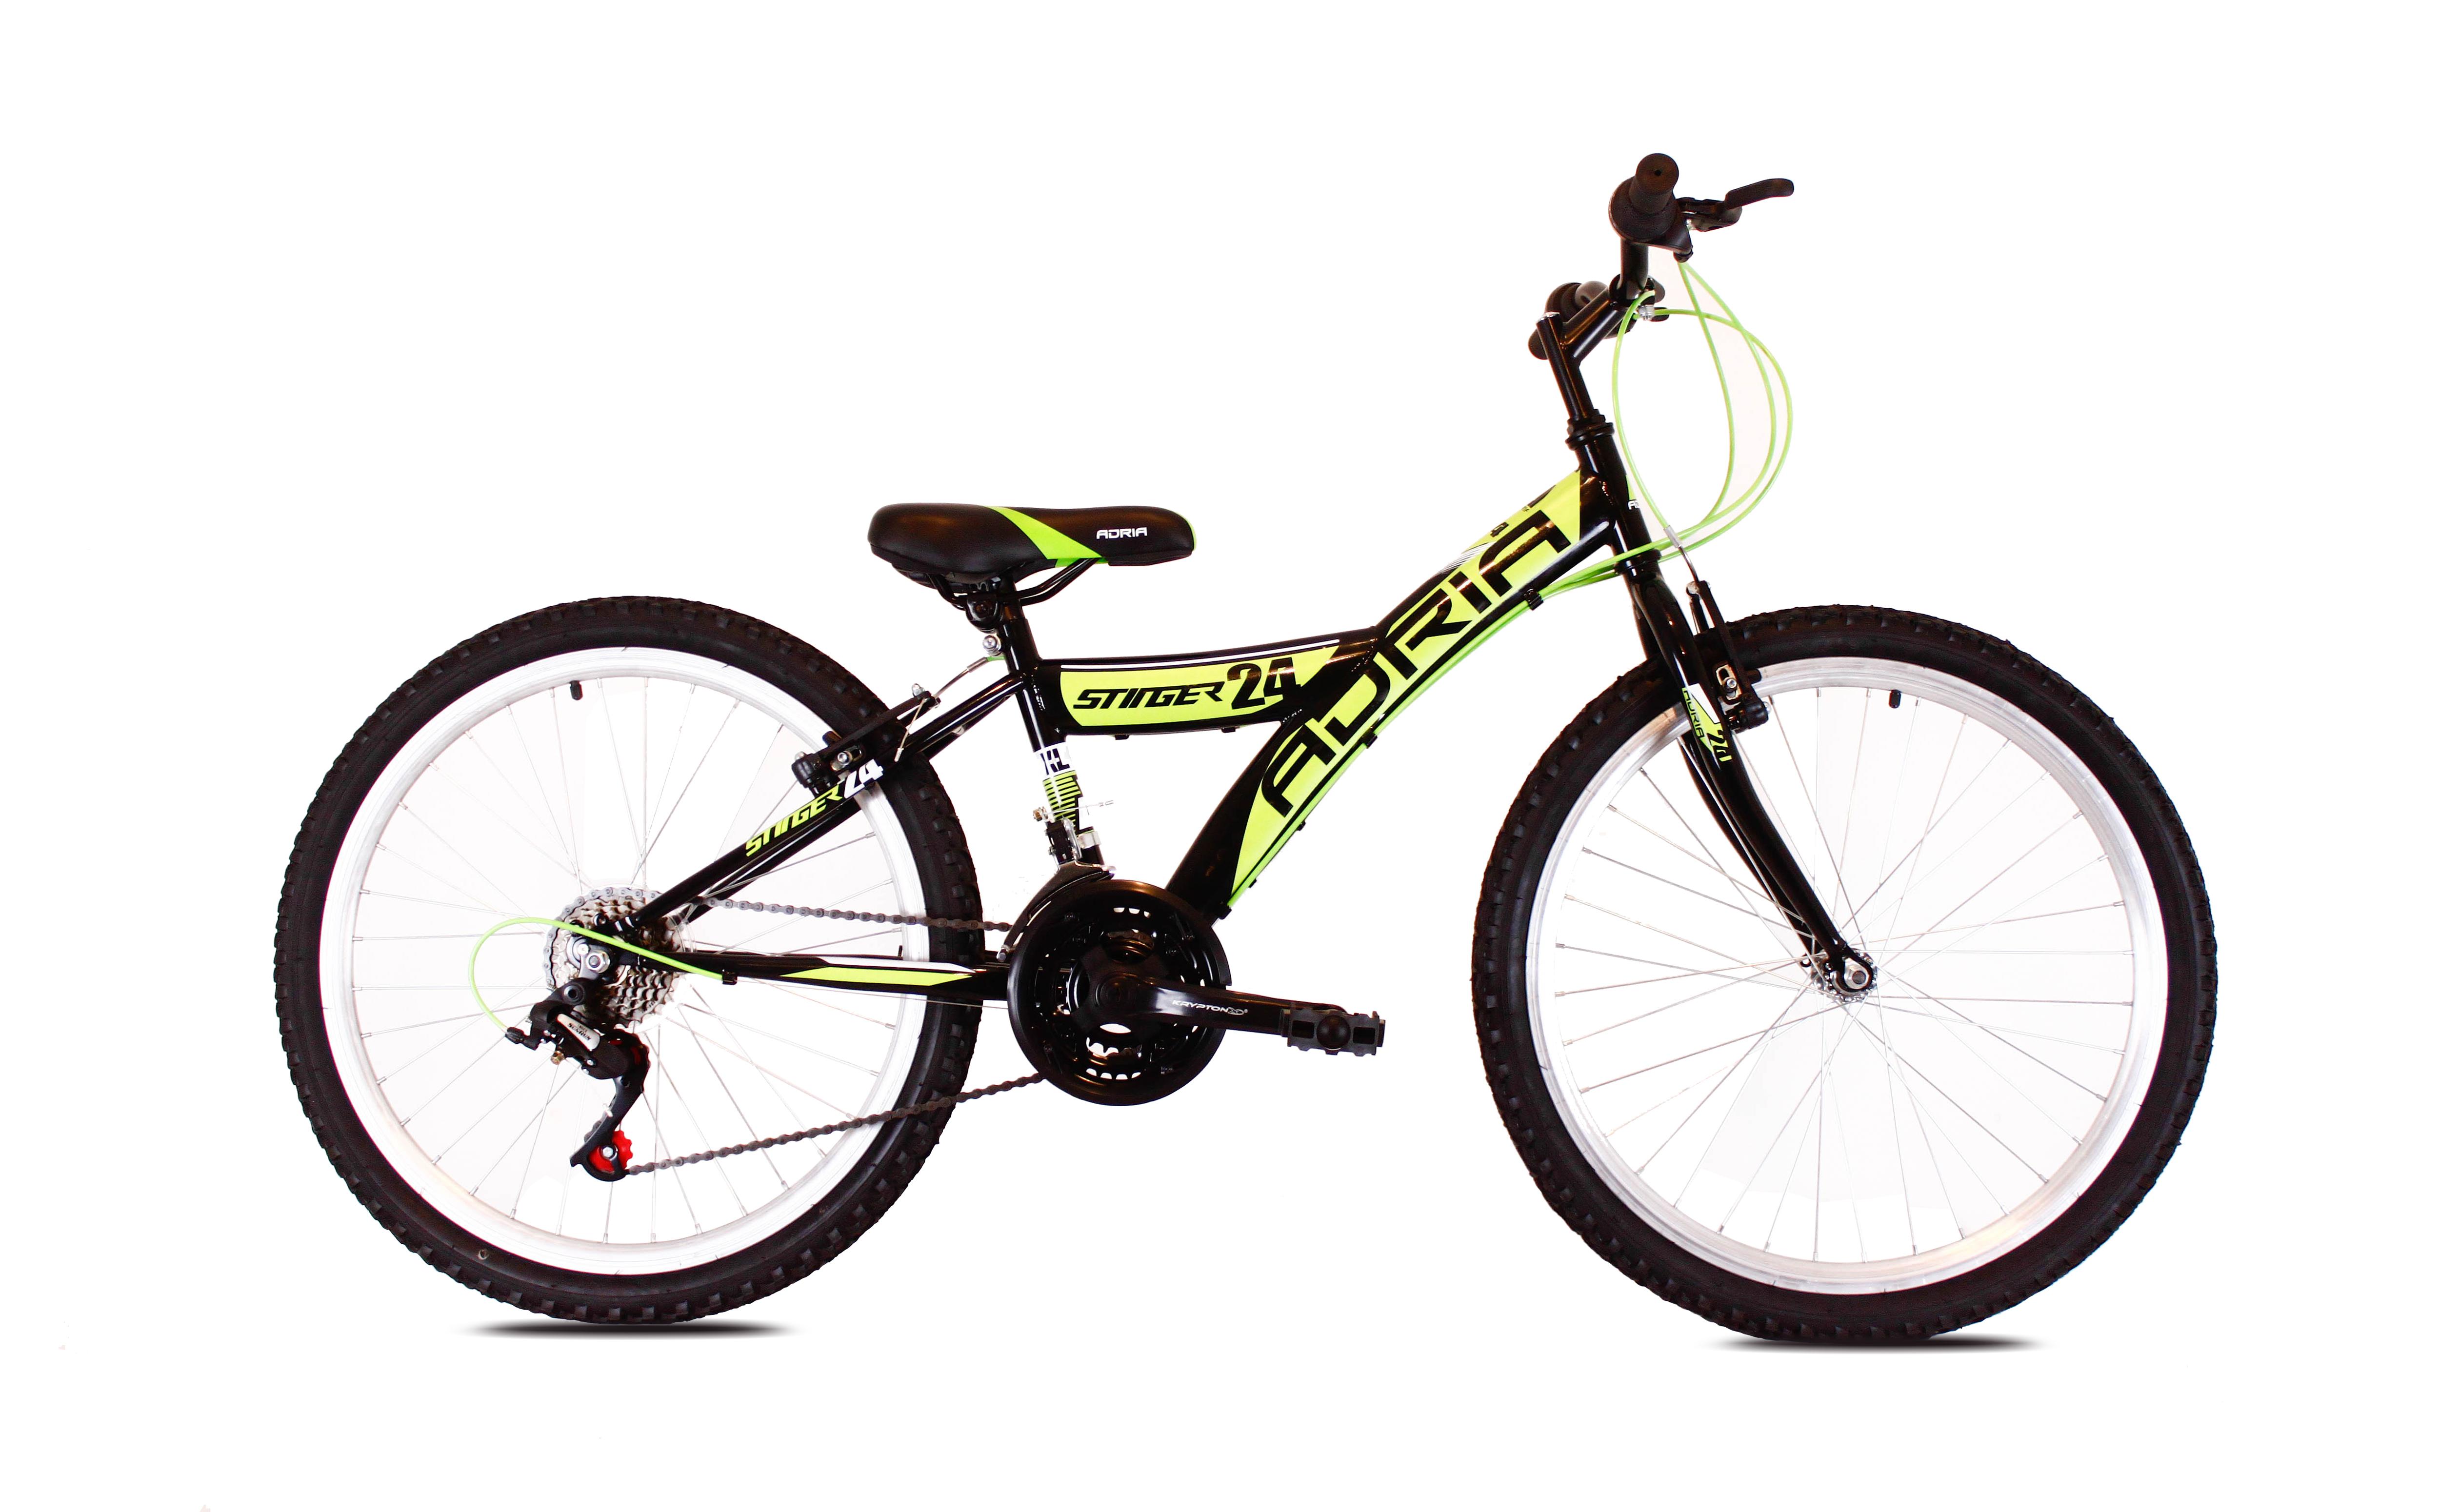 bicikl-adria-stiger-24-crno-zelena